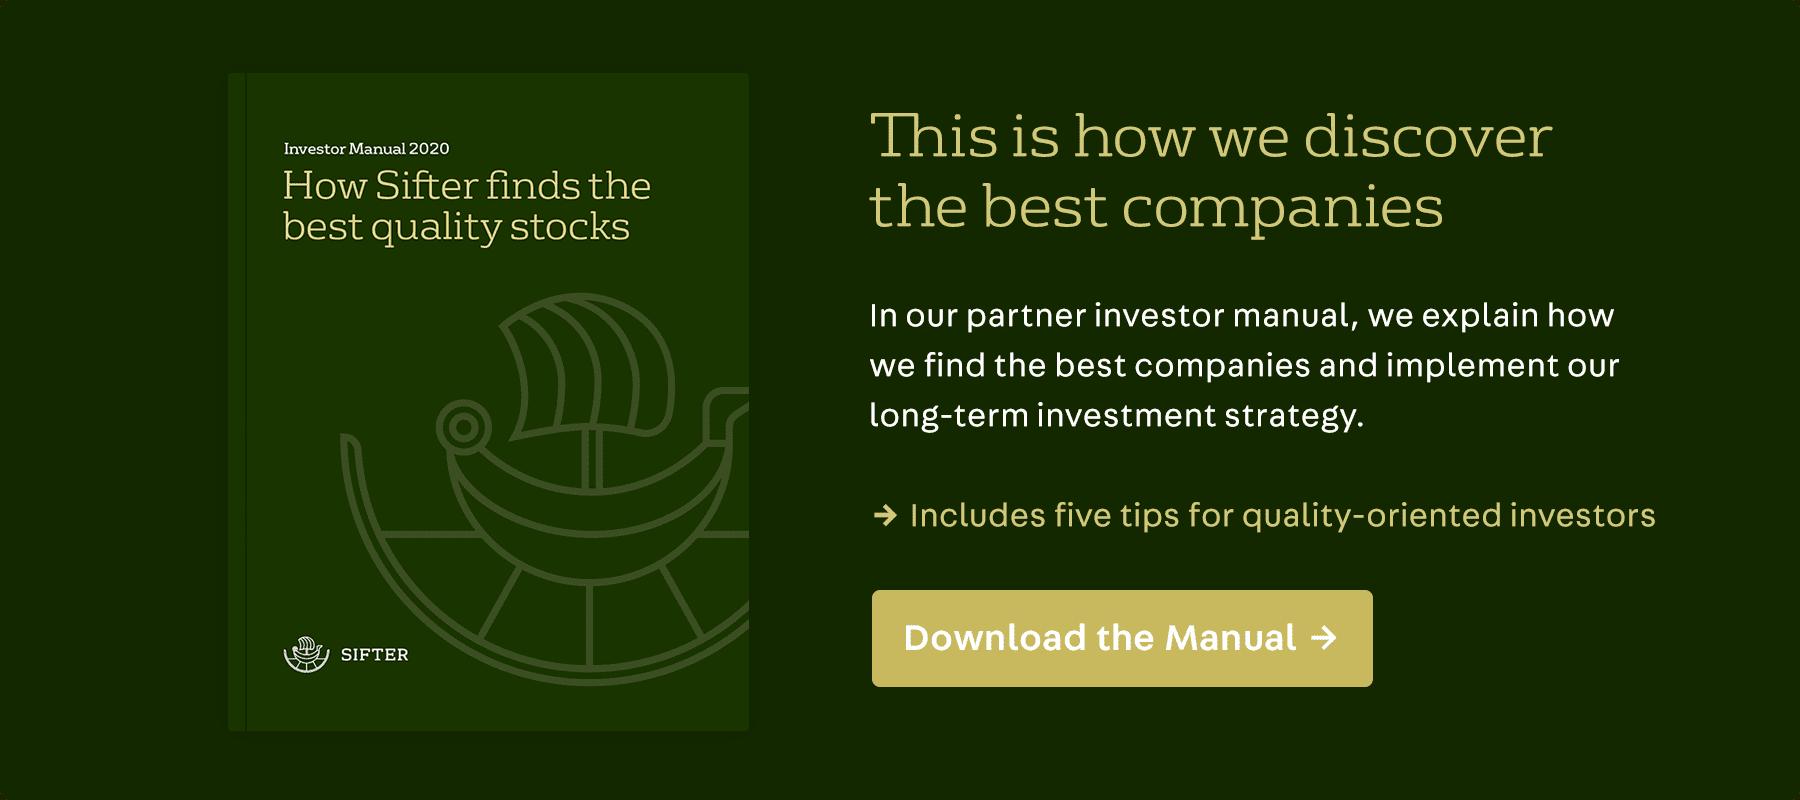 Download Investor Manual